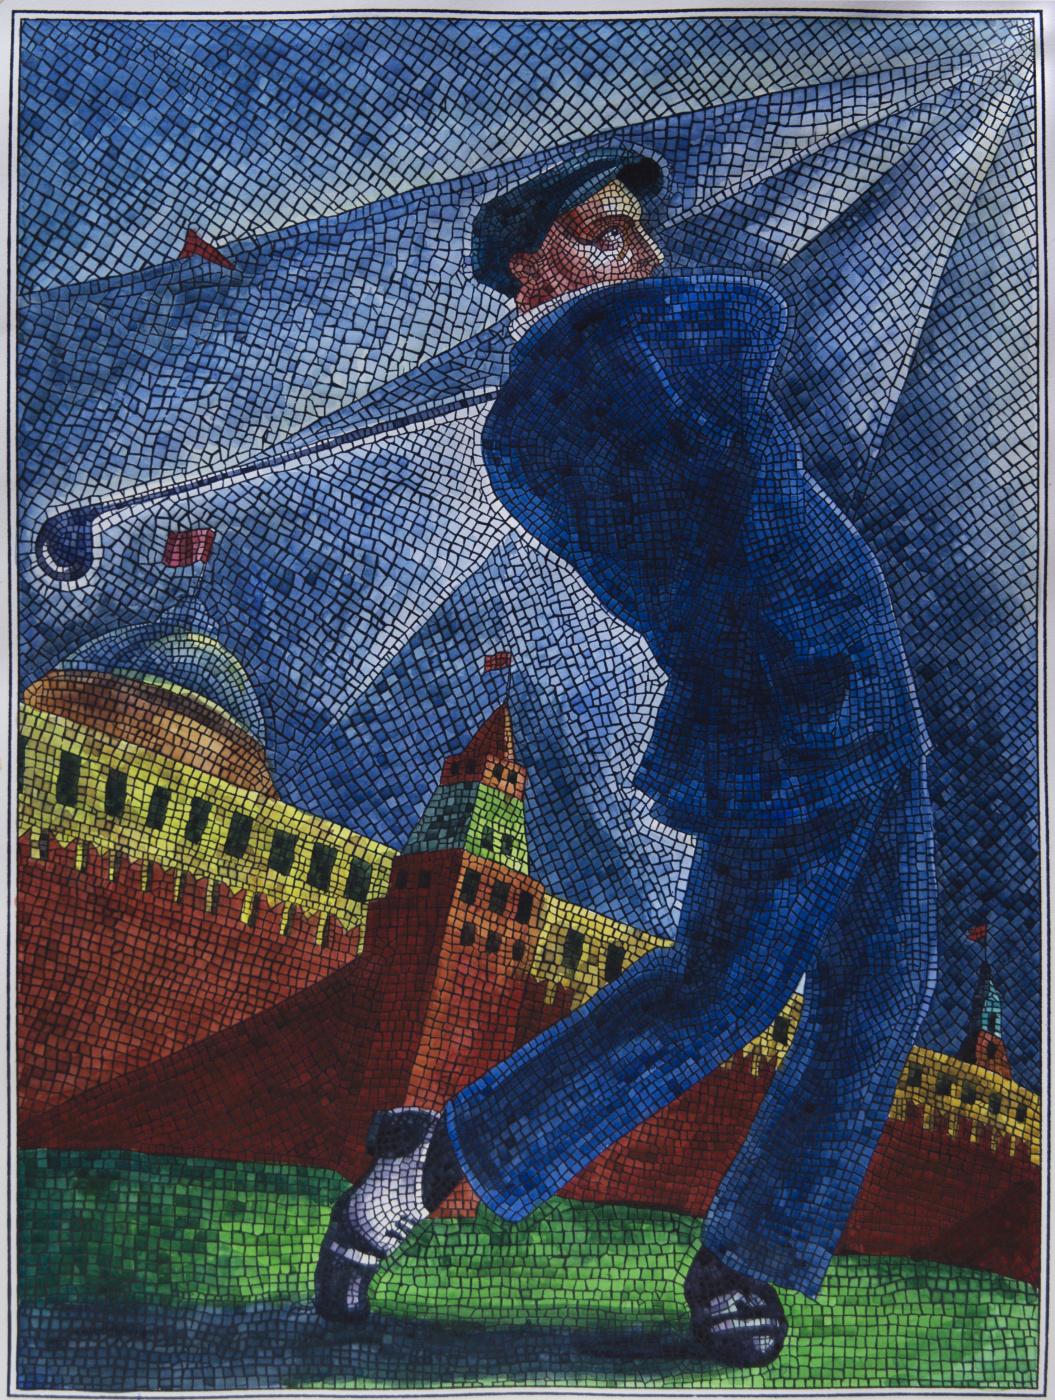 Анатолий Николаевич Ганкевич. Mayakovsky Golf